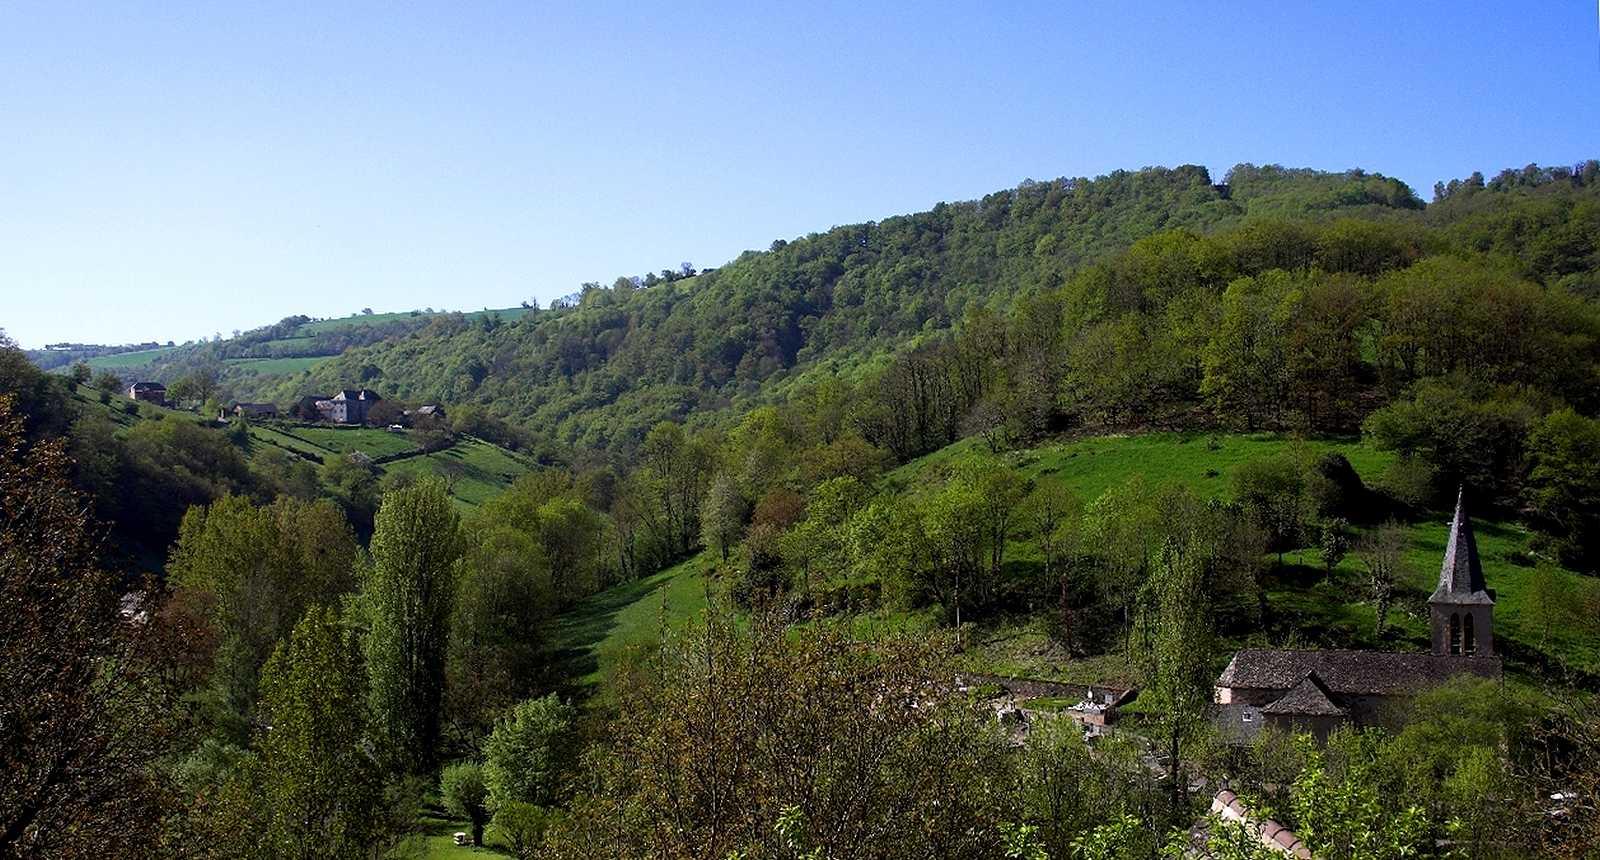 Le clocher de Belcastel et les collines alentours